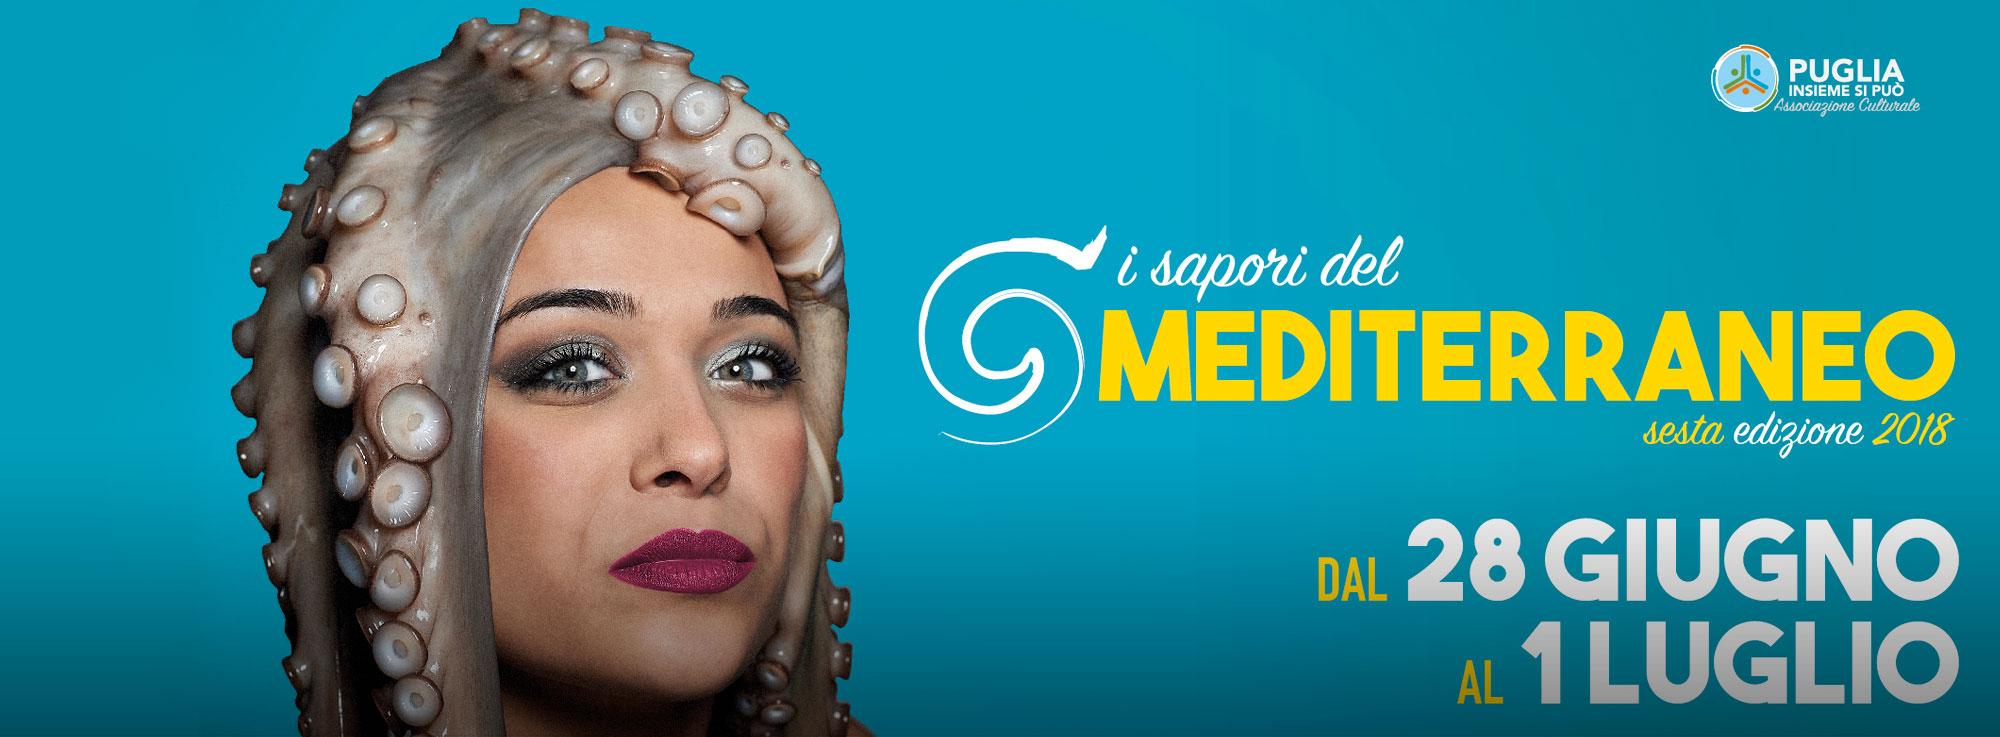 Brindisi: I Sapori del Mediterraneo